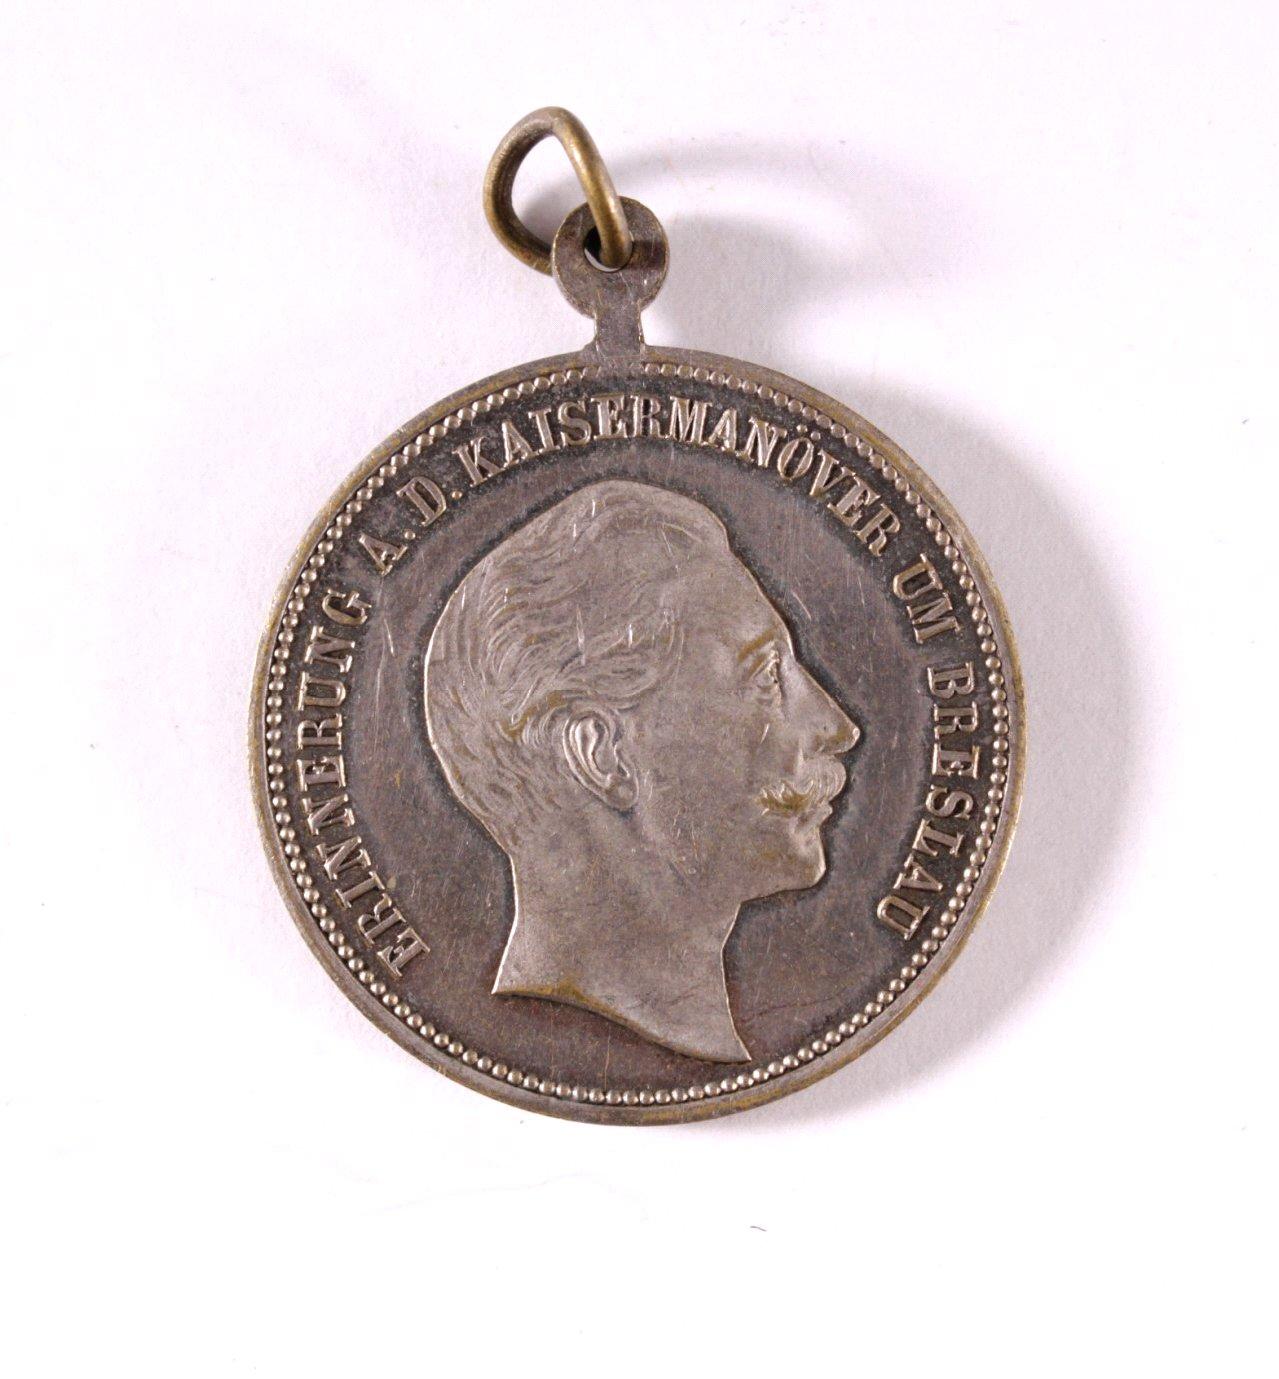 Medaille Erinnerung an das Kaisermanöver Breslau, 1882-1